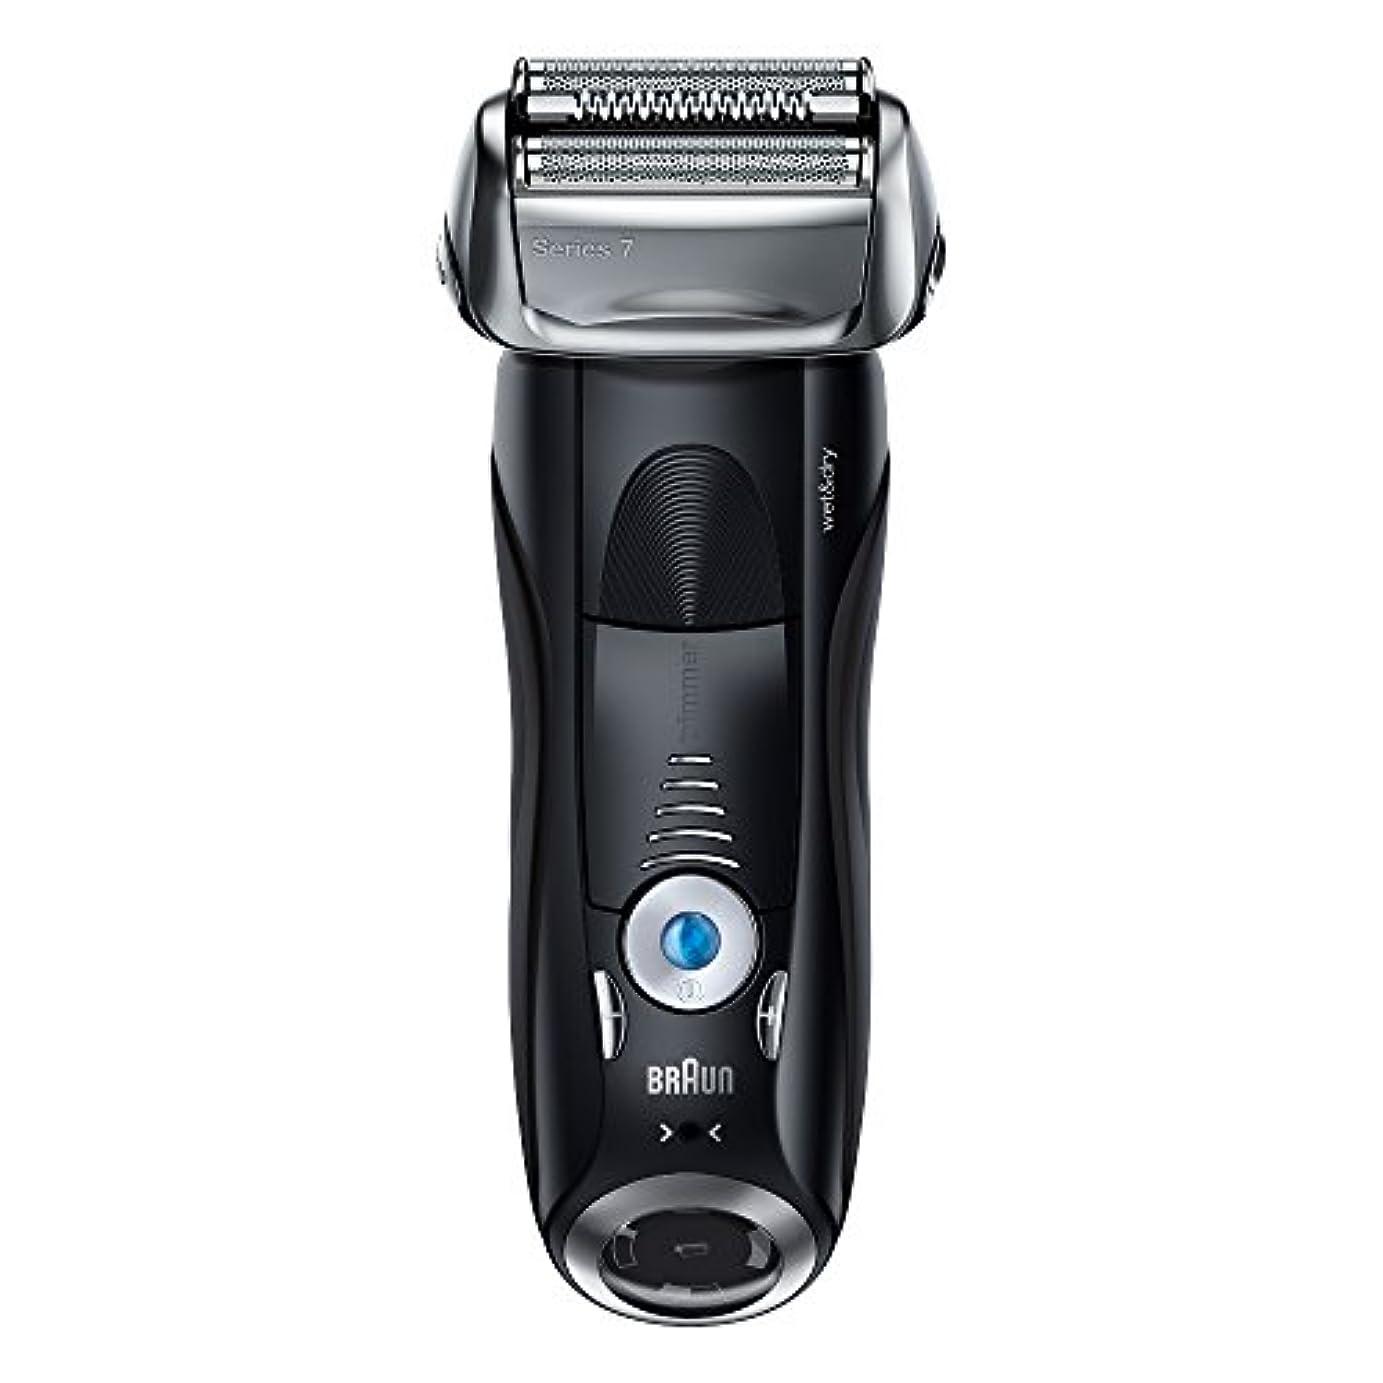 グラム優遇お手入れブラウン メンズ電気シェーバー シリーズ7 7842s 4カットシステム 水洗い/お風呂剃り可